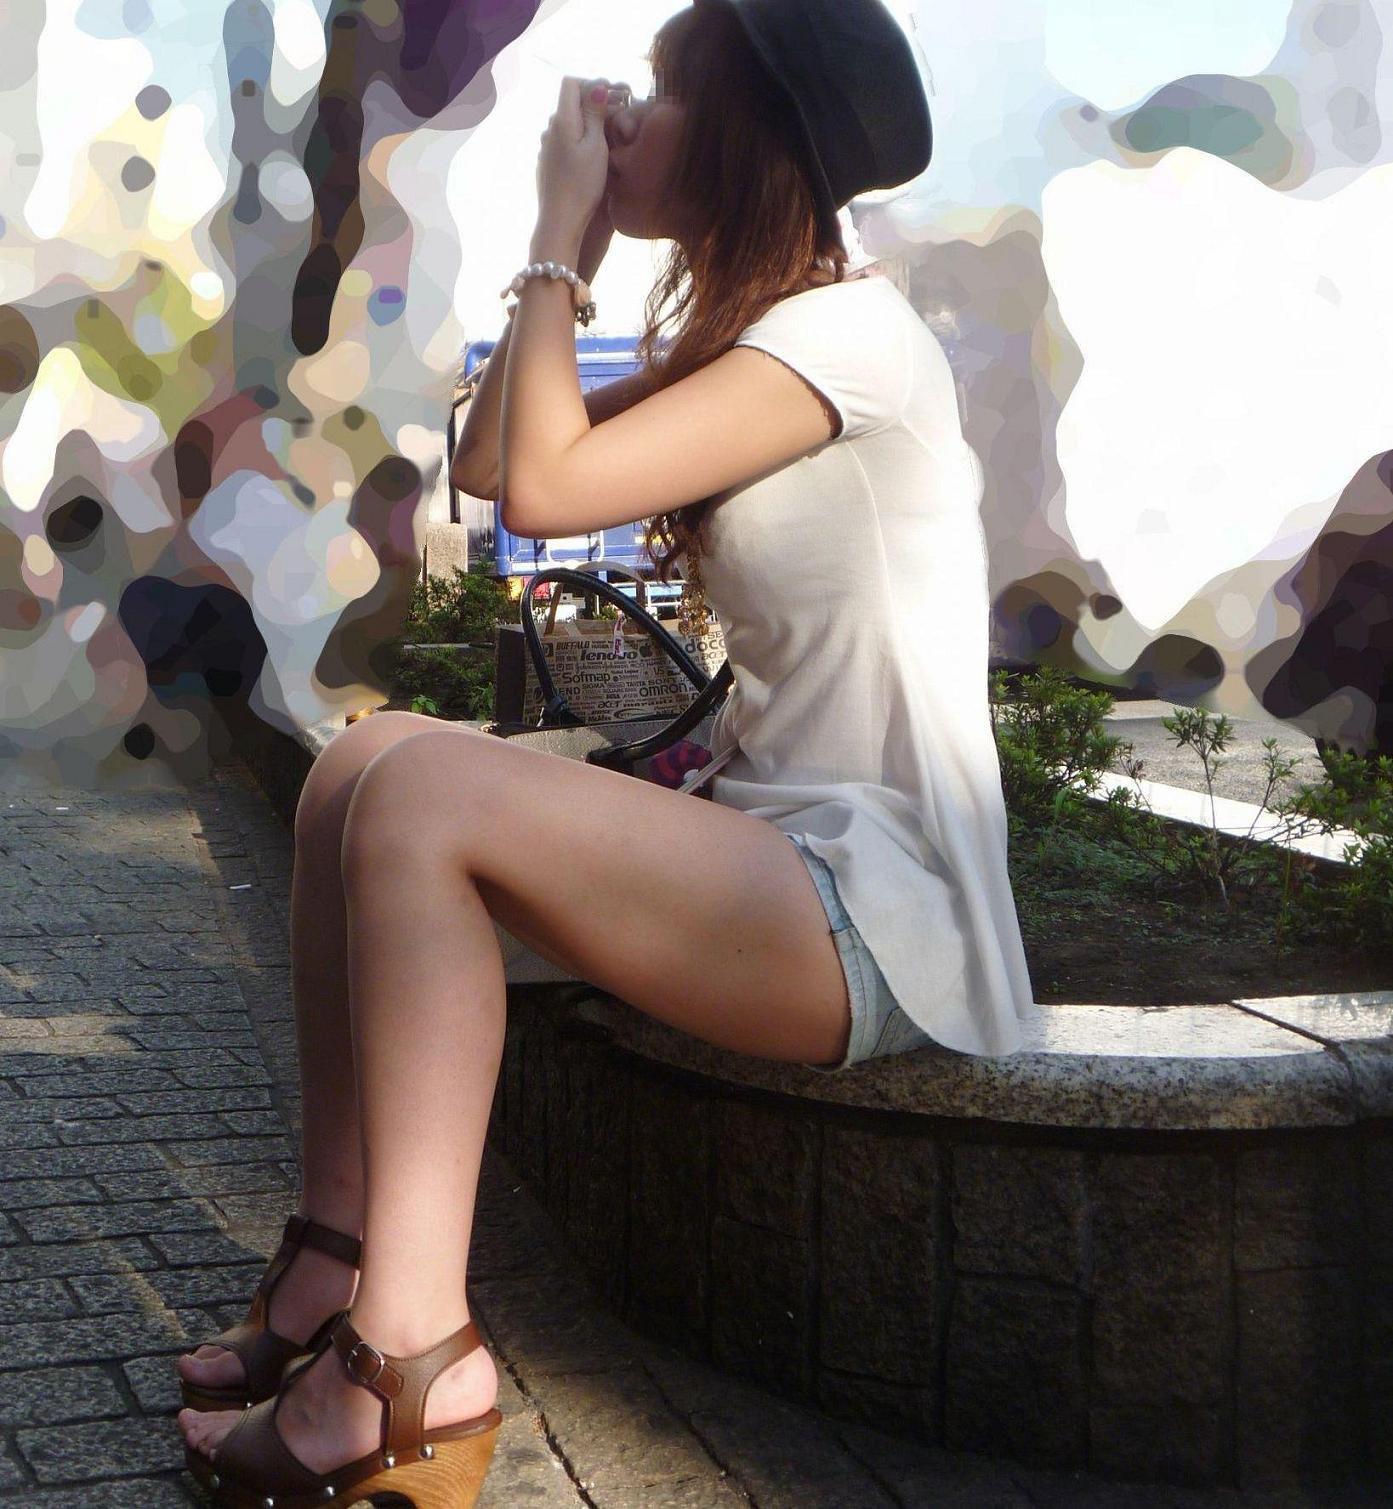 三次元 3次元 エロ画像 美脚 素人 街撮り べっぴん娘通信 012